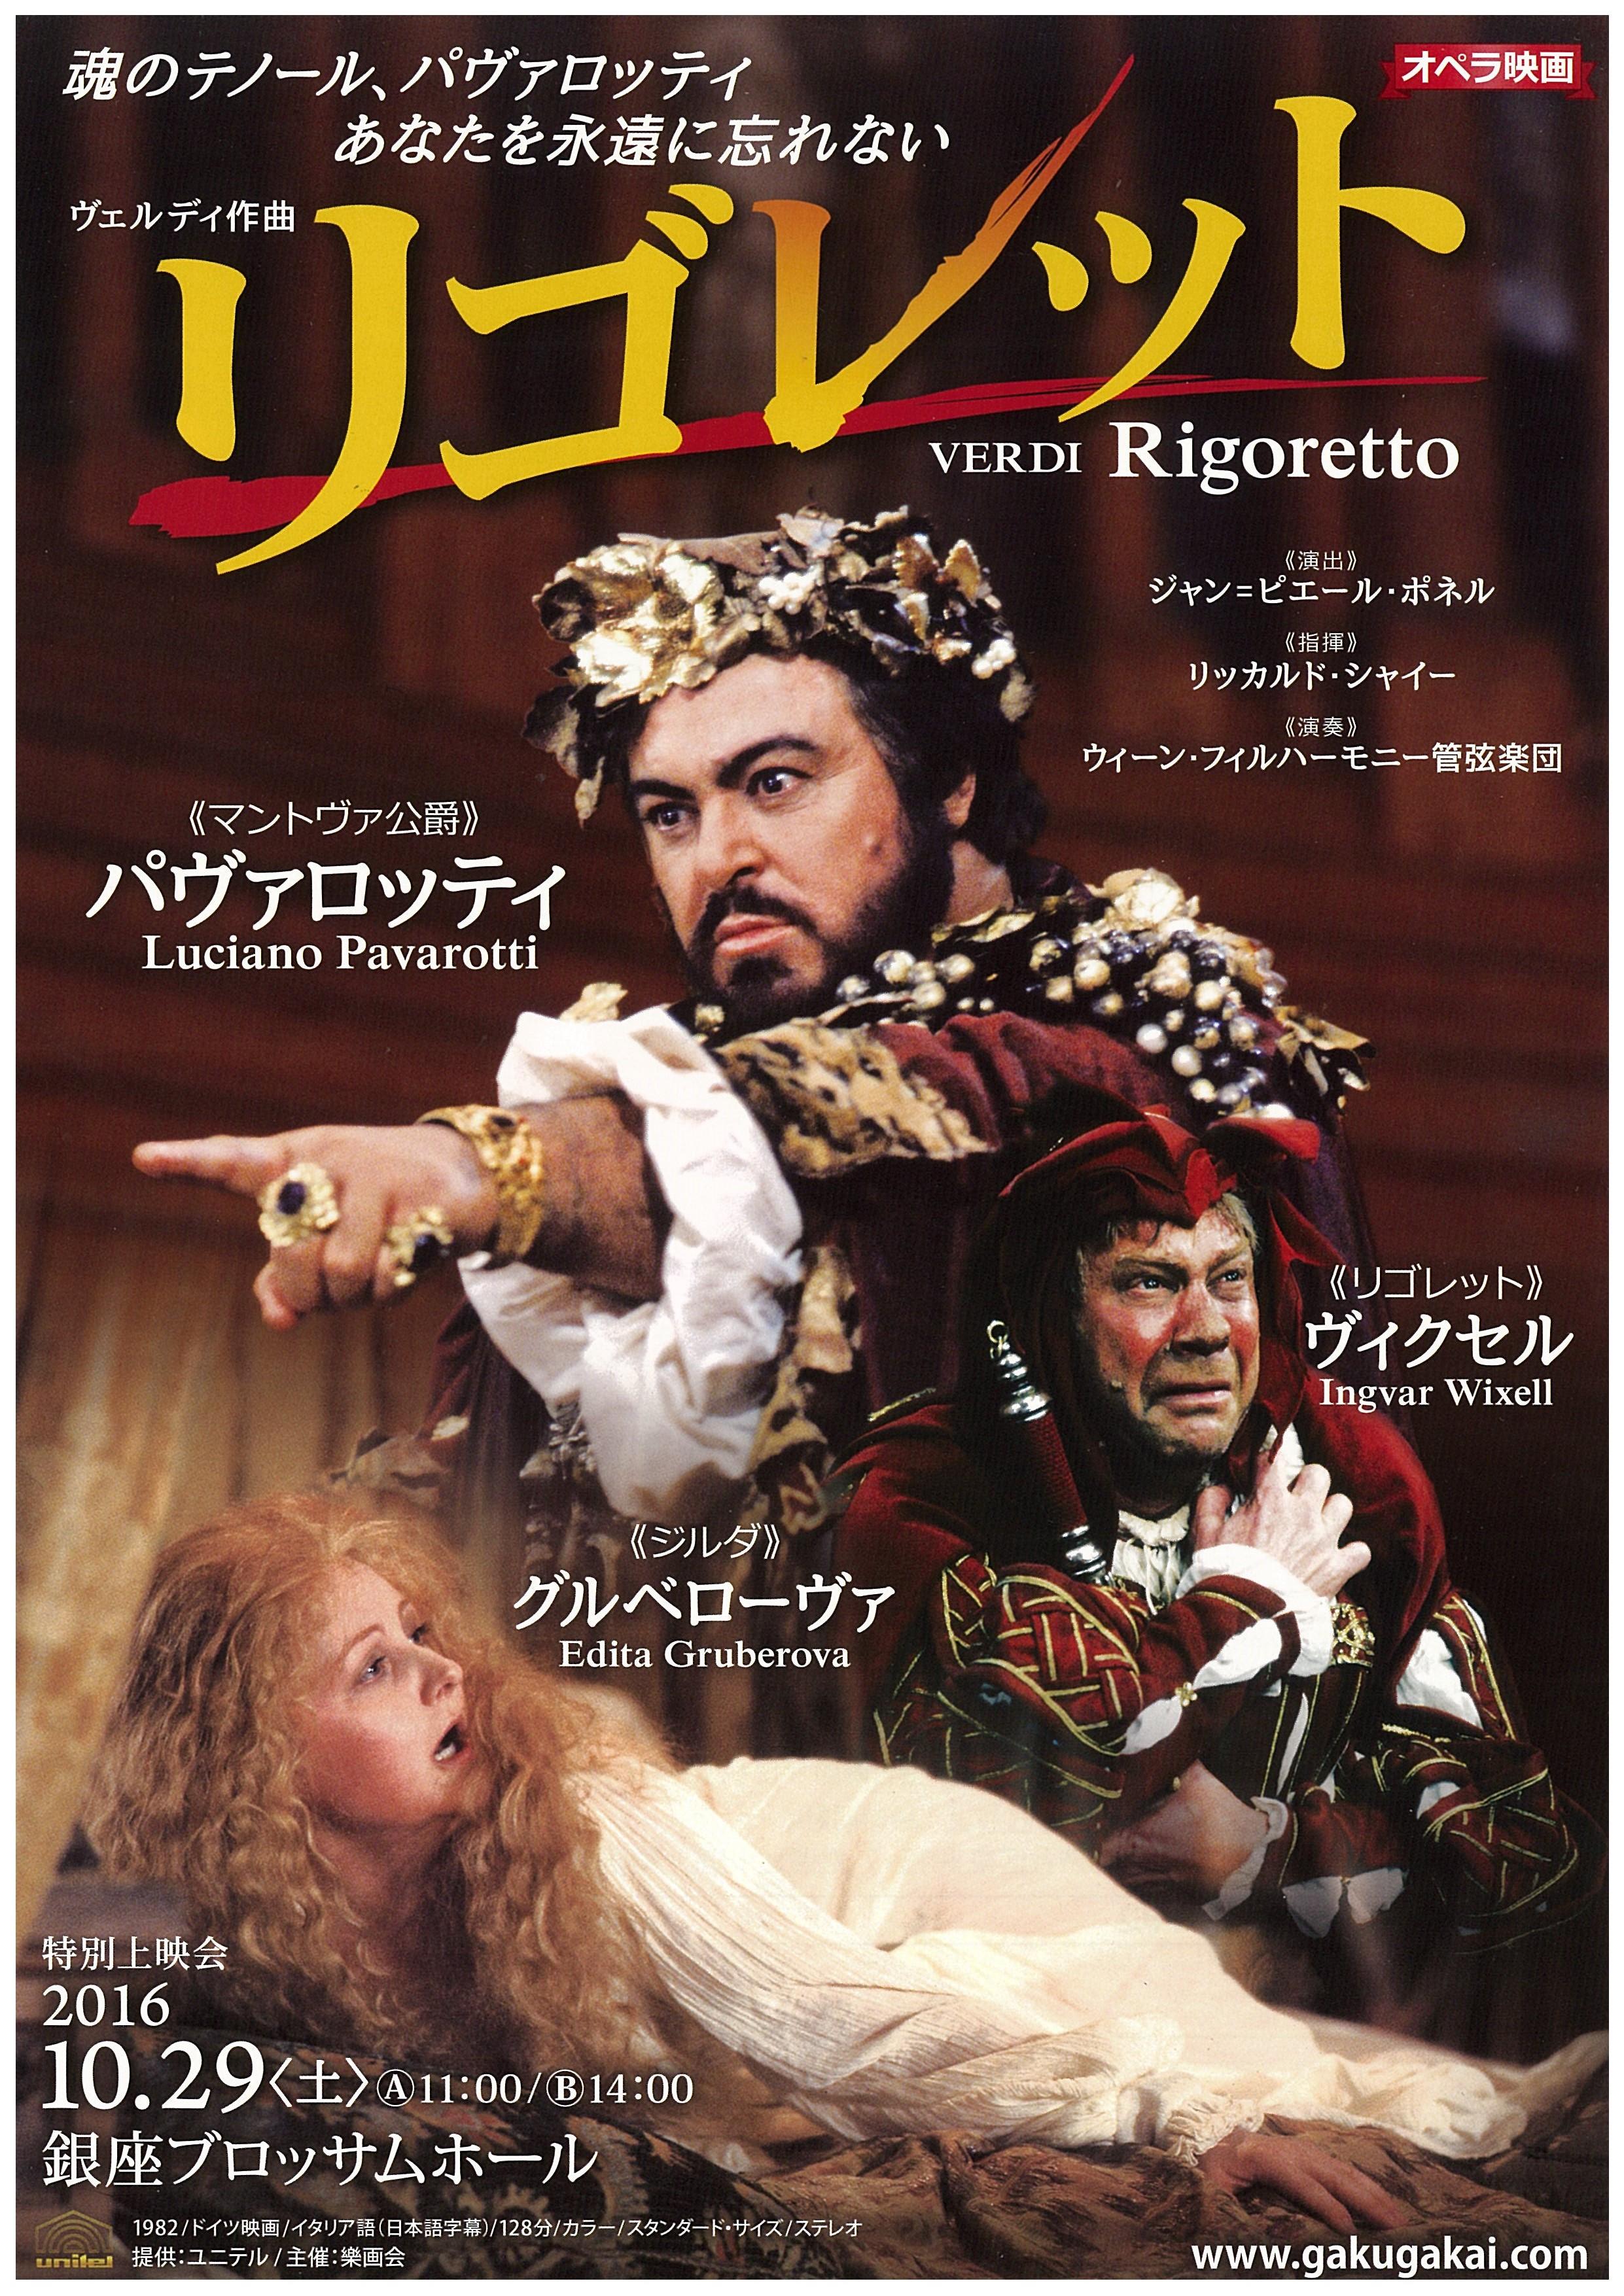 オペラ映画「リゴレット」上映会